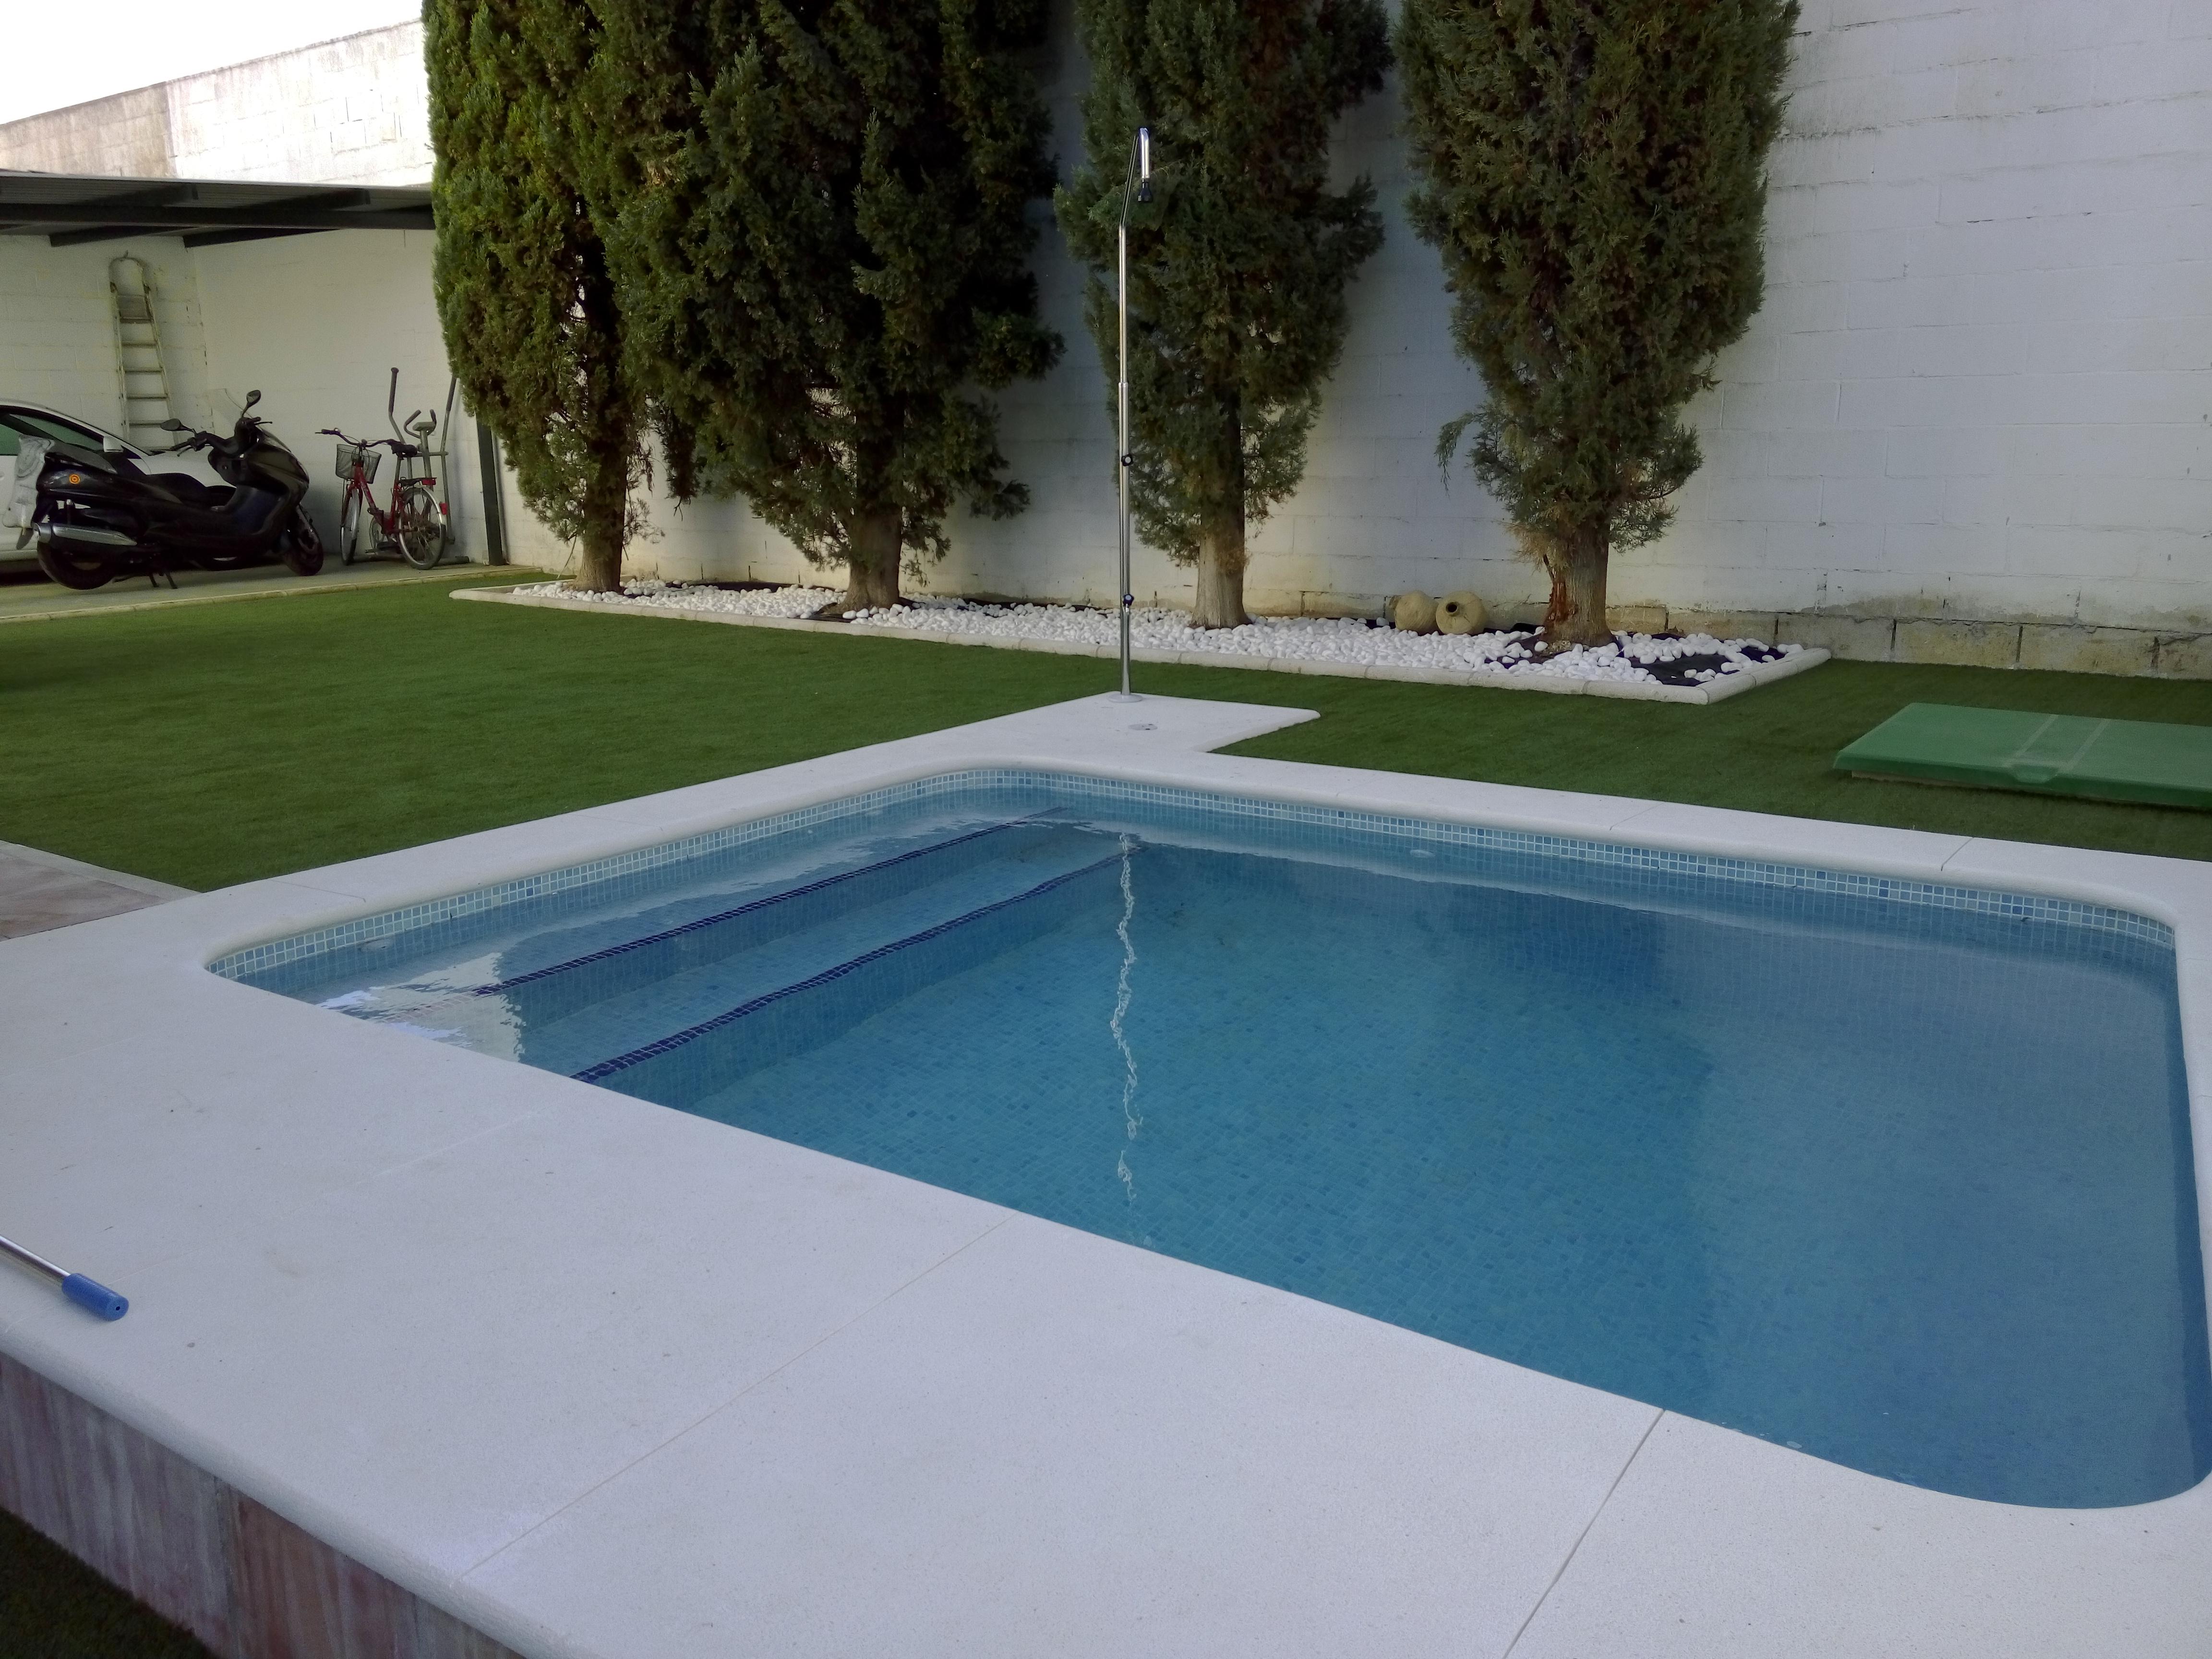 Piscinas privadas construcci n de piscinas for Piscina privada para dos